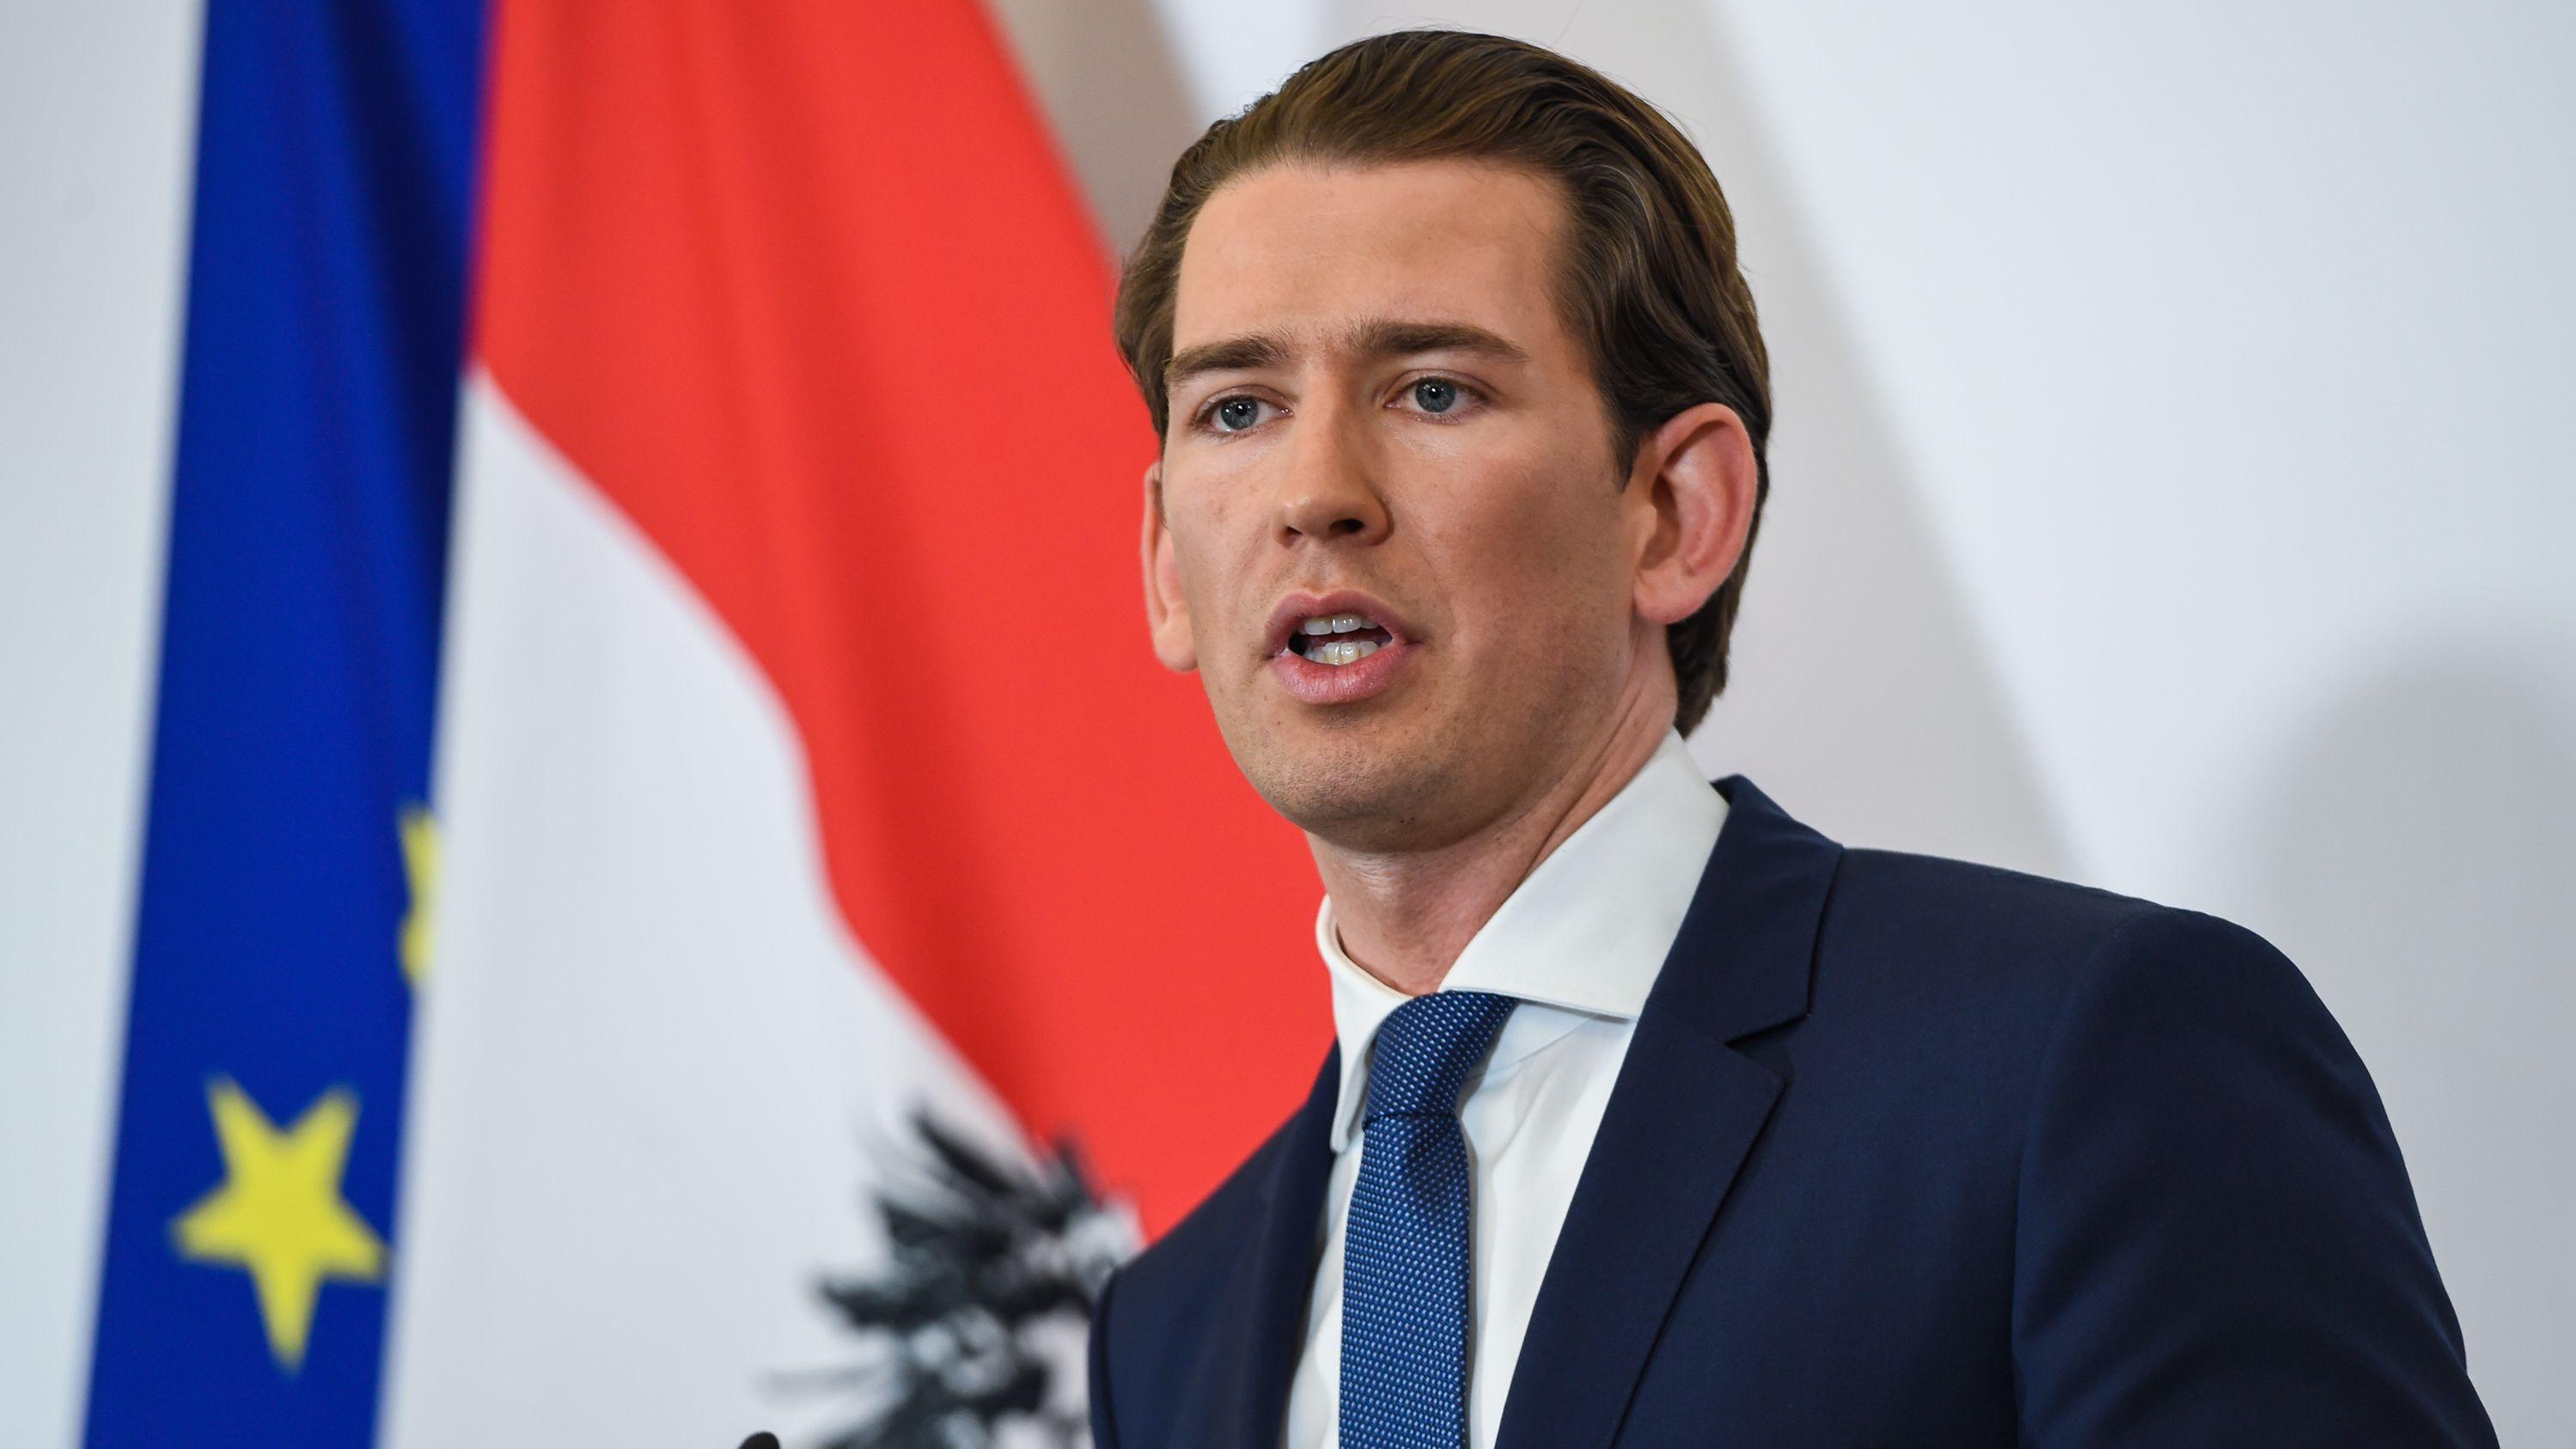 Massiv unter Druck: Österreichs Kanzler Kurz (ÖVP)